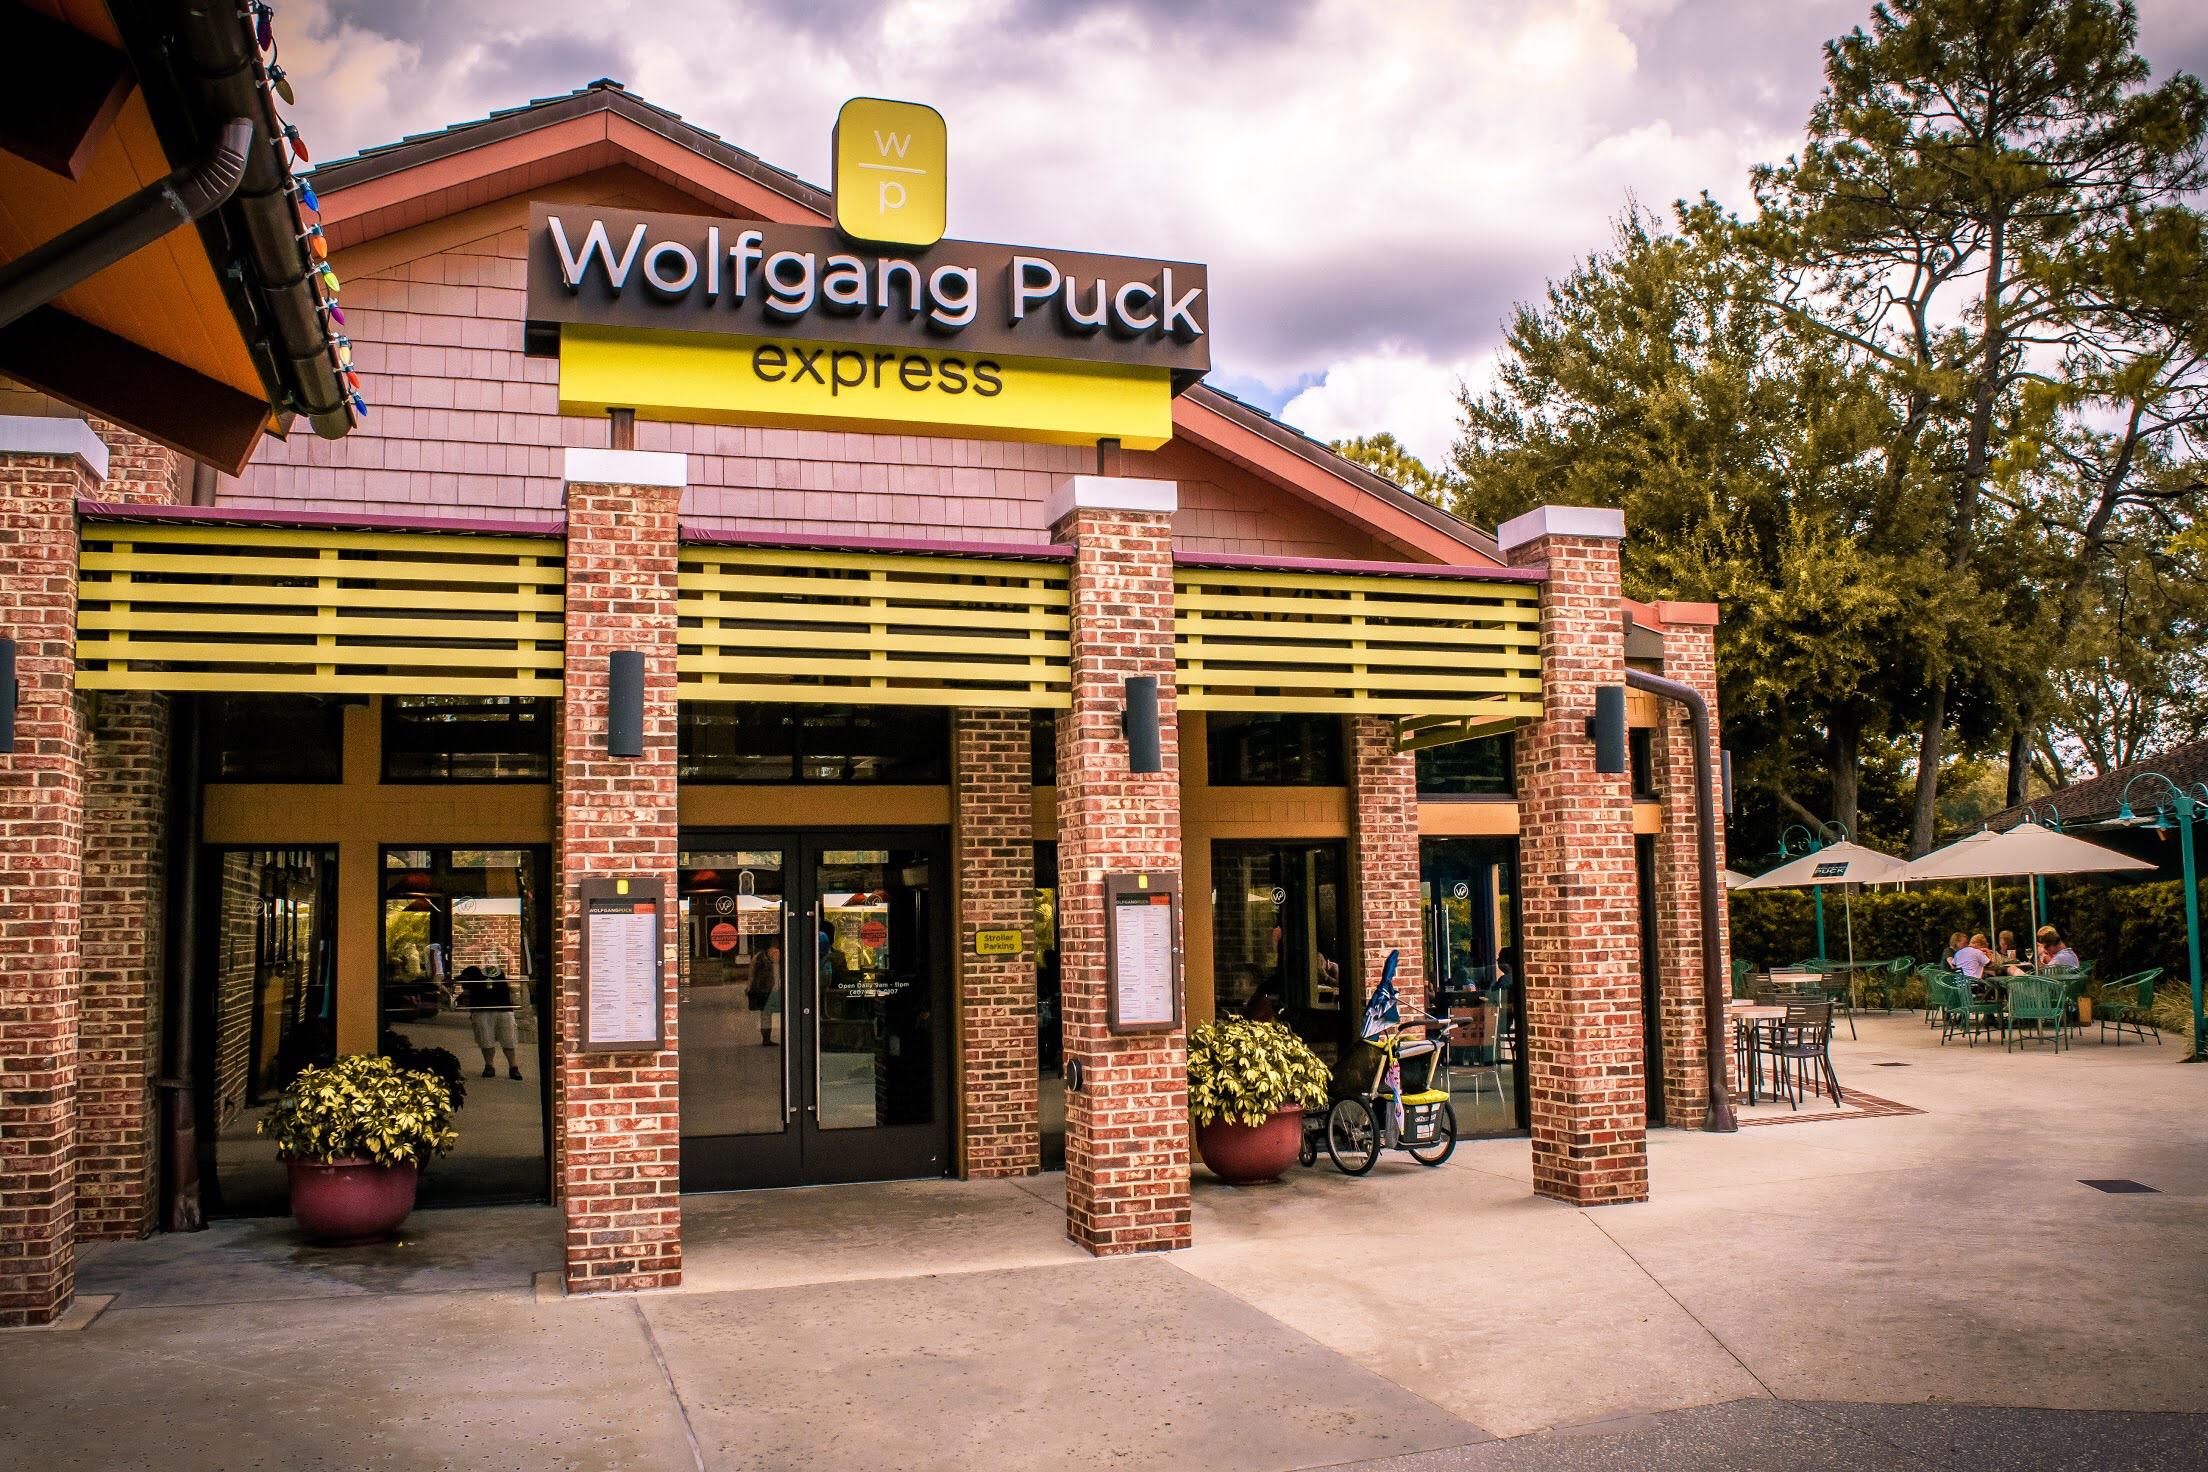 Wolgang Puck Express Disney Springs